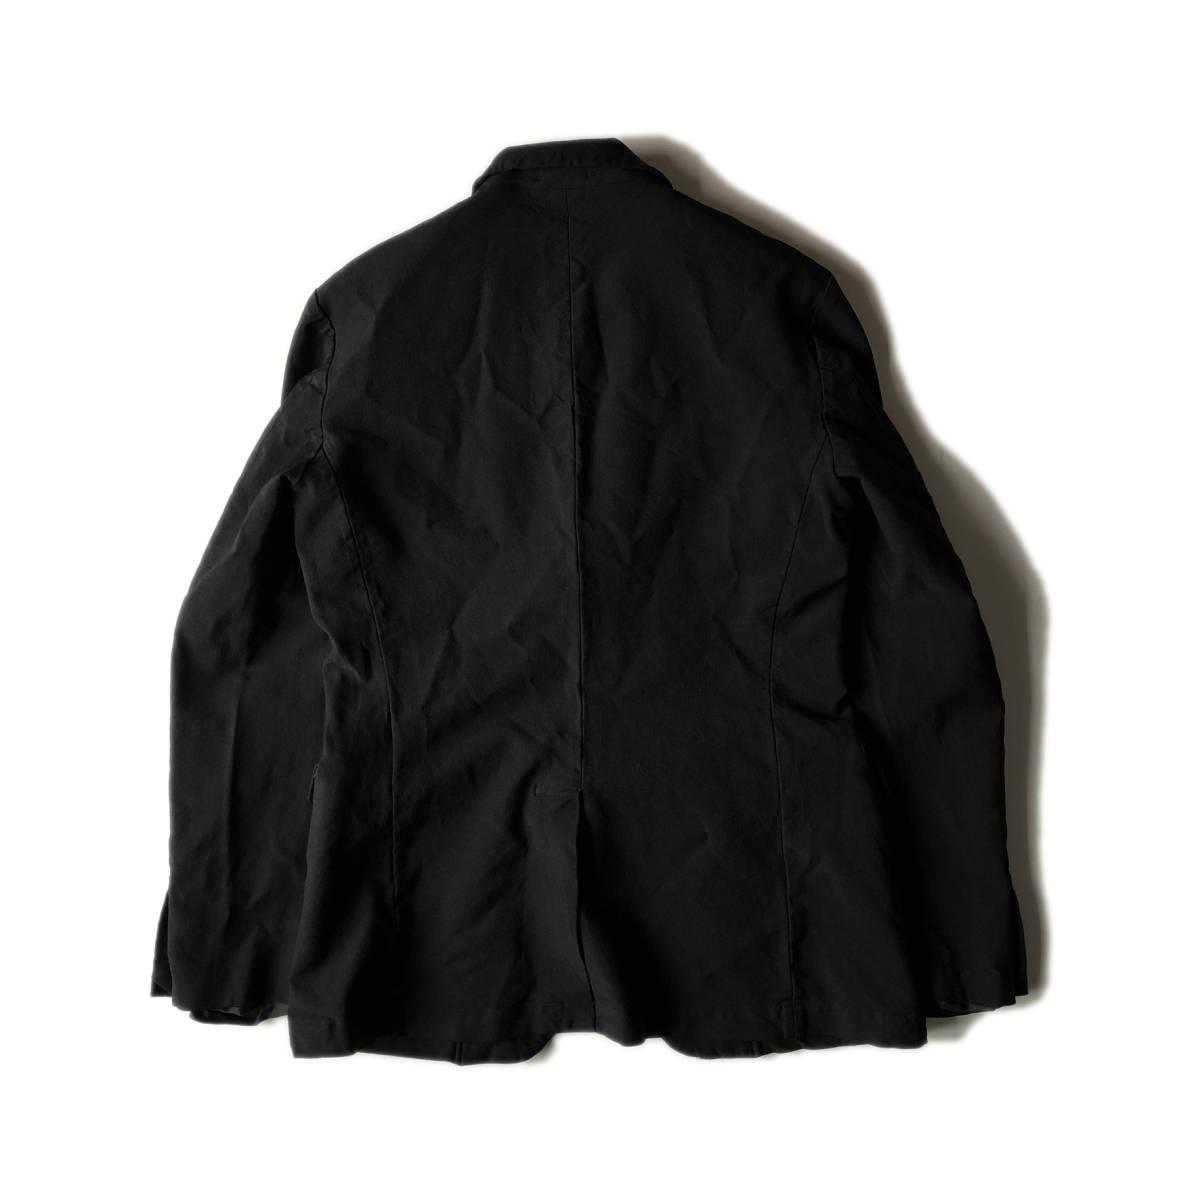 AD2009 BLACK COMME des GARCONS ブラックコムデギャルソン ポリ縮 ジャケット ブラック ポリエステル縮絨 黒 M ※セットアップPTも出品中_画像6